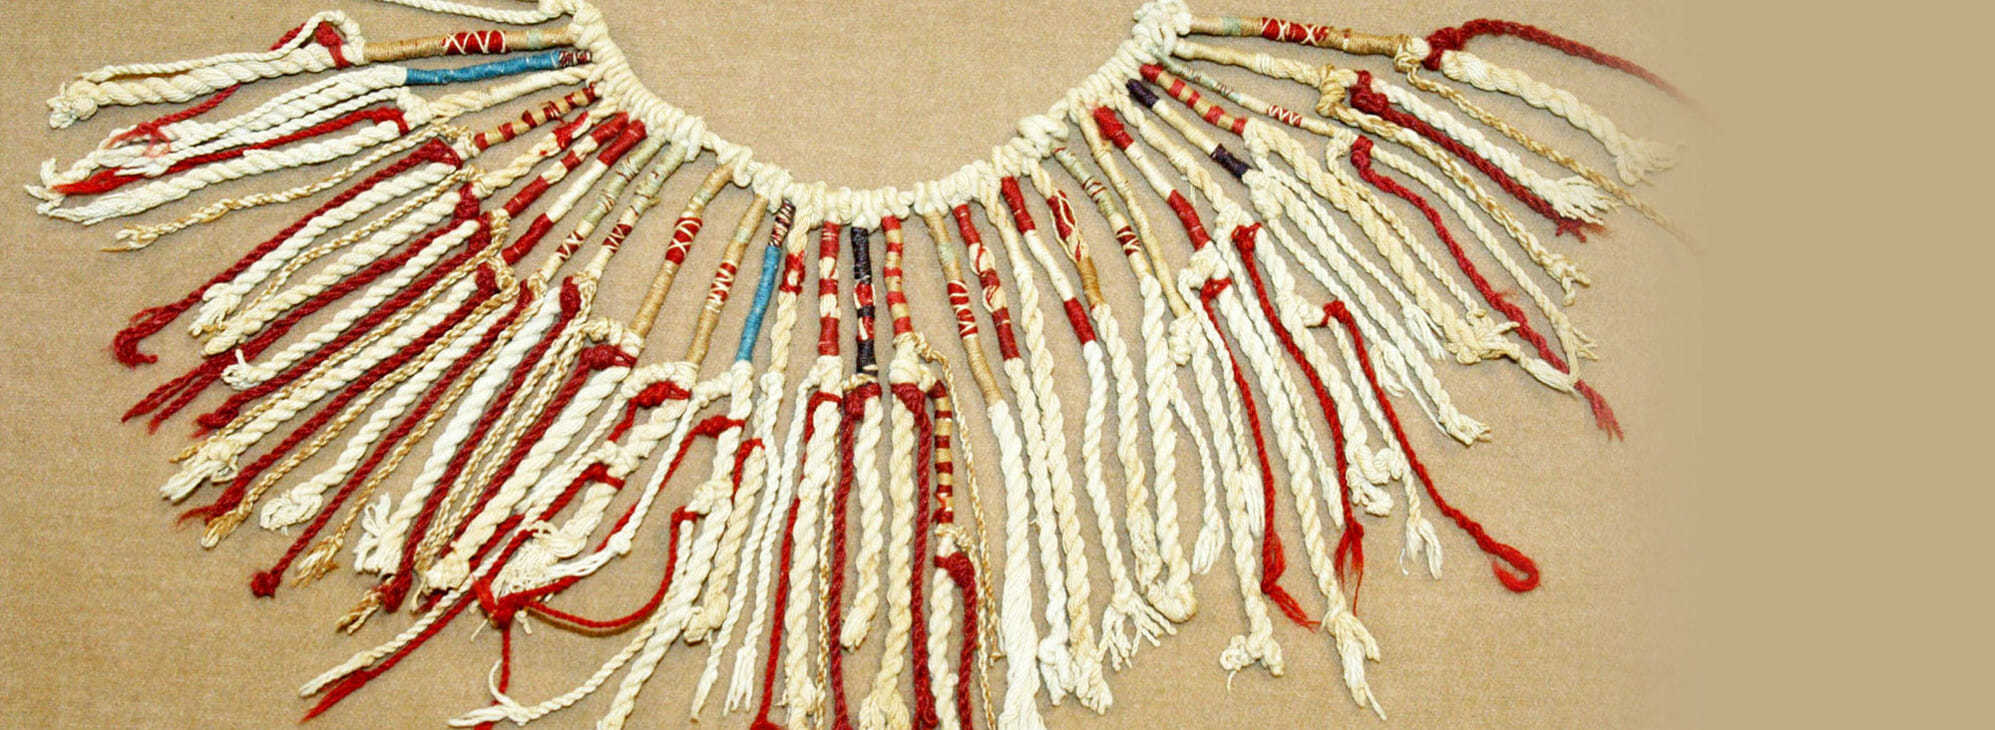 Кипу или «узелковое письмом» Инков